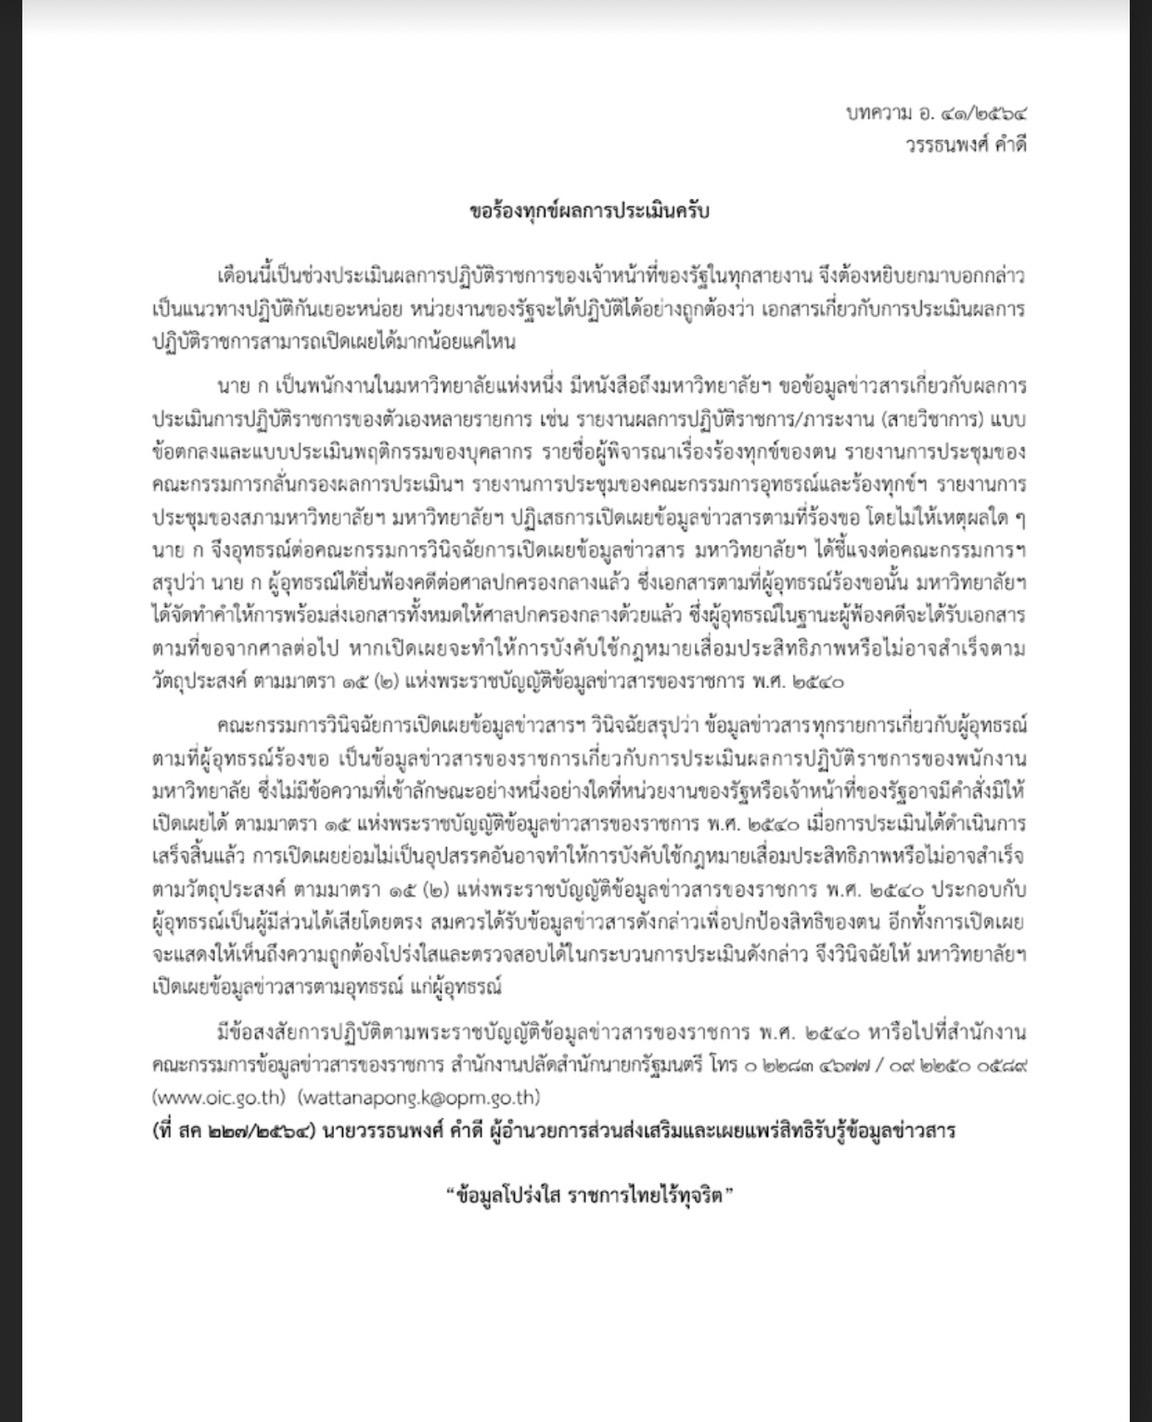 ความรู้เกี่ยวกับพระราชบัญญัติข้อมูลข่าวสารของราชการ พ.ศ.2540